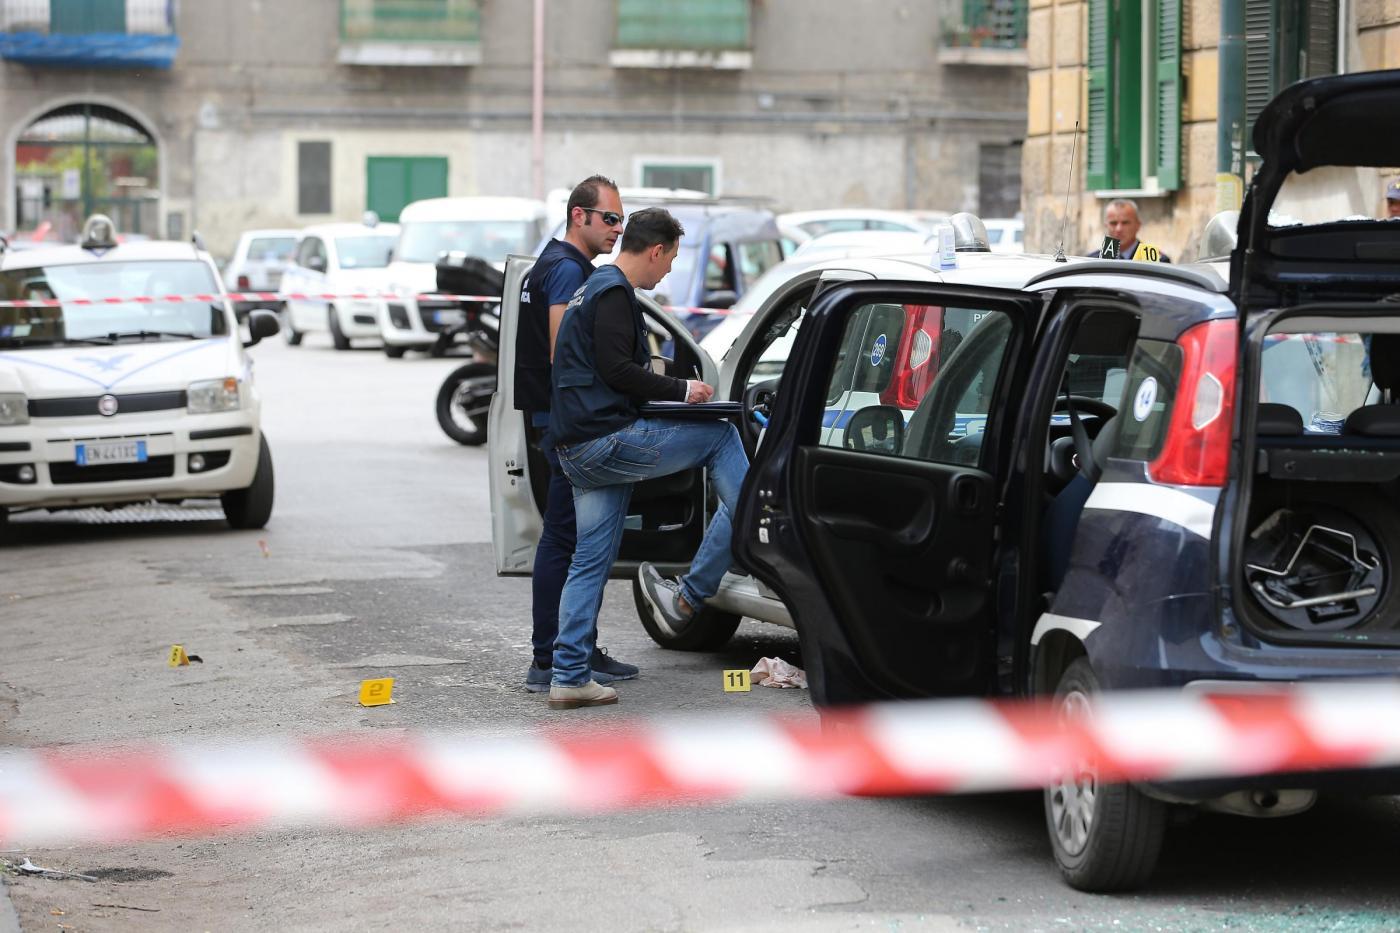 Napoli, agguato in pieno giorno: muore un uomo